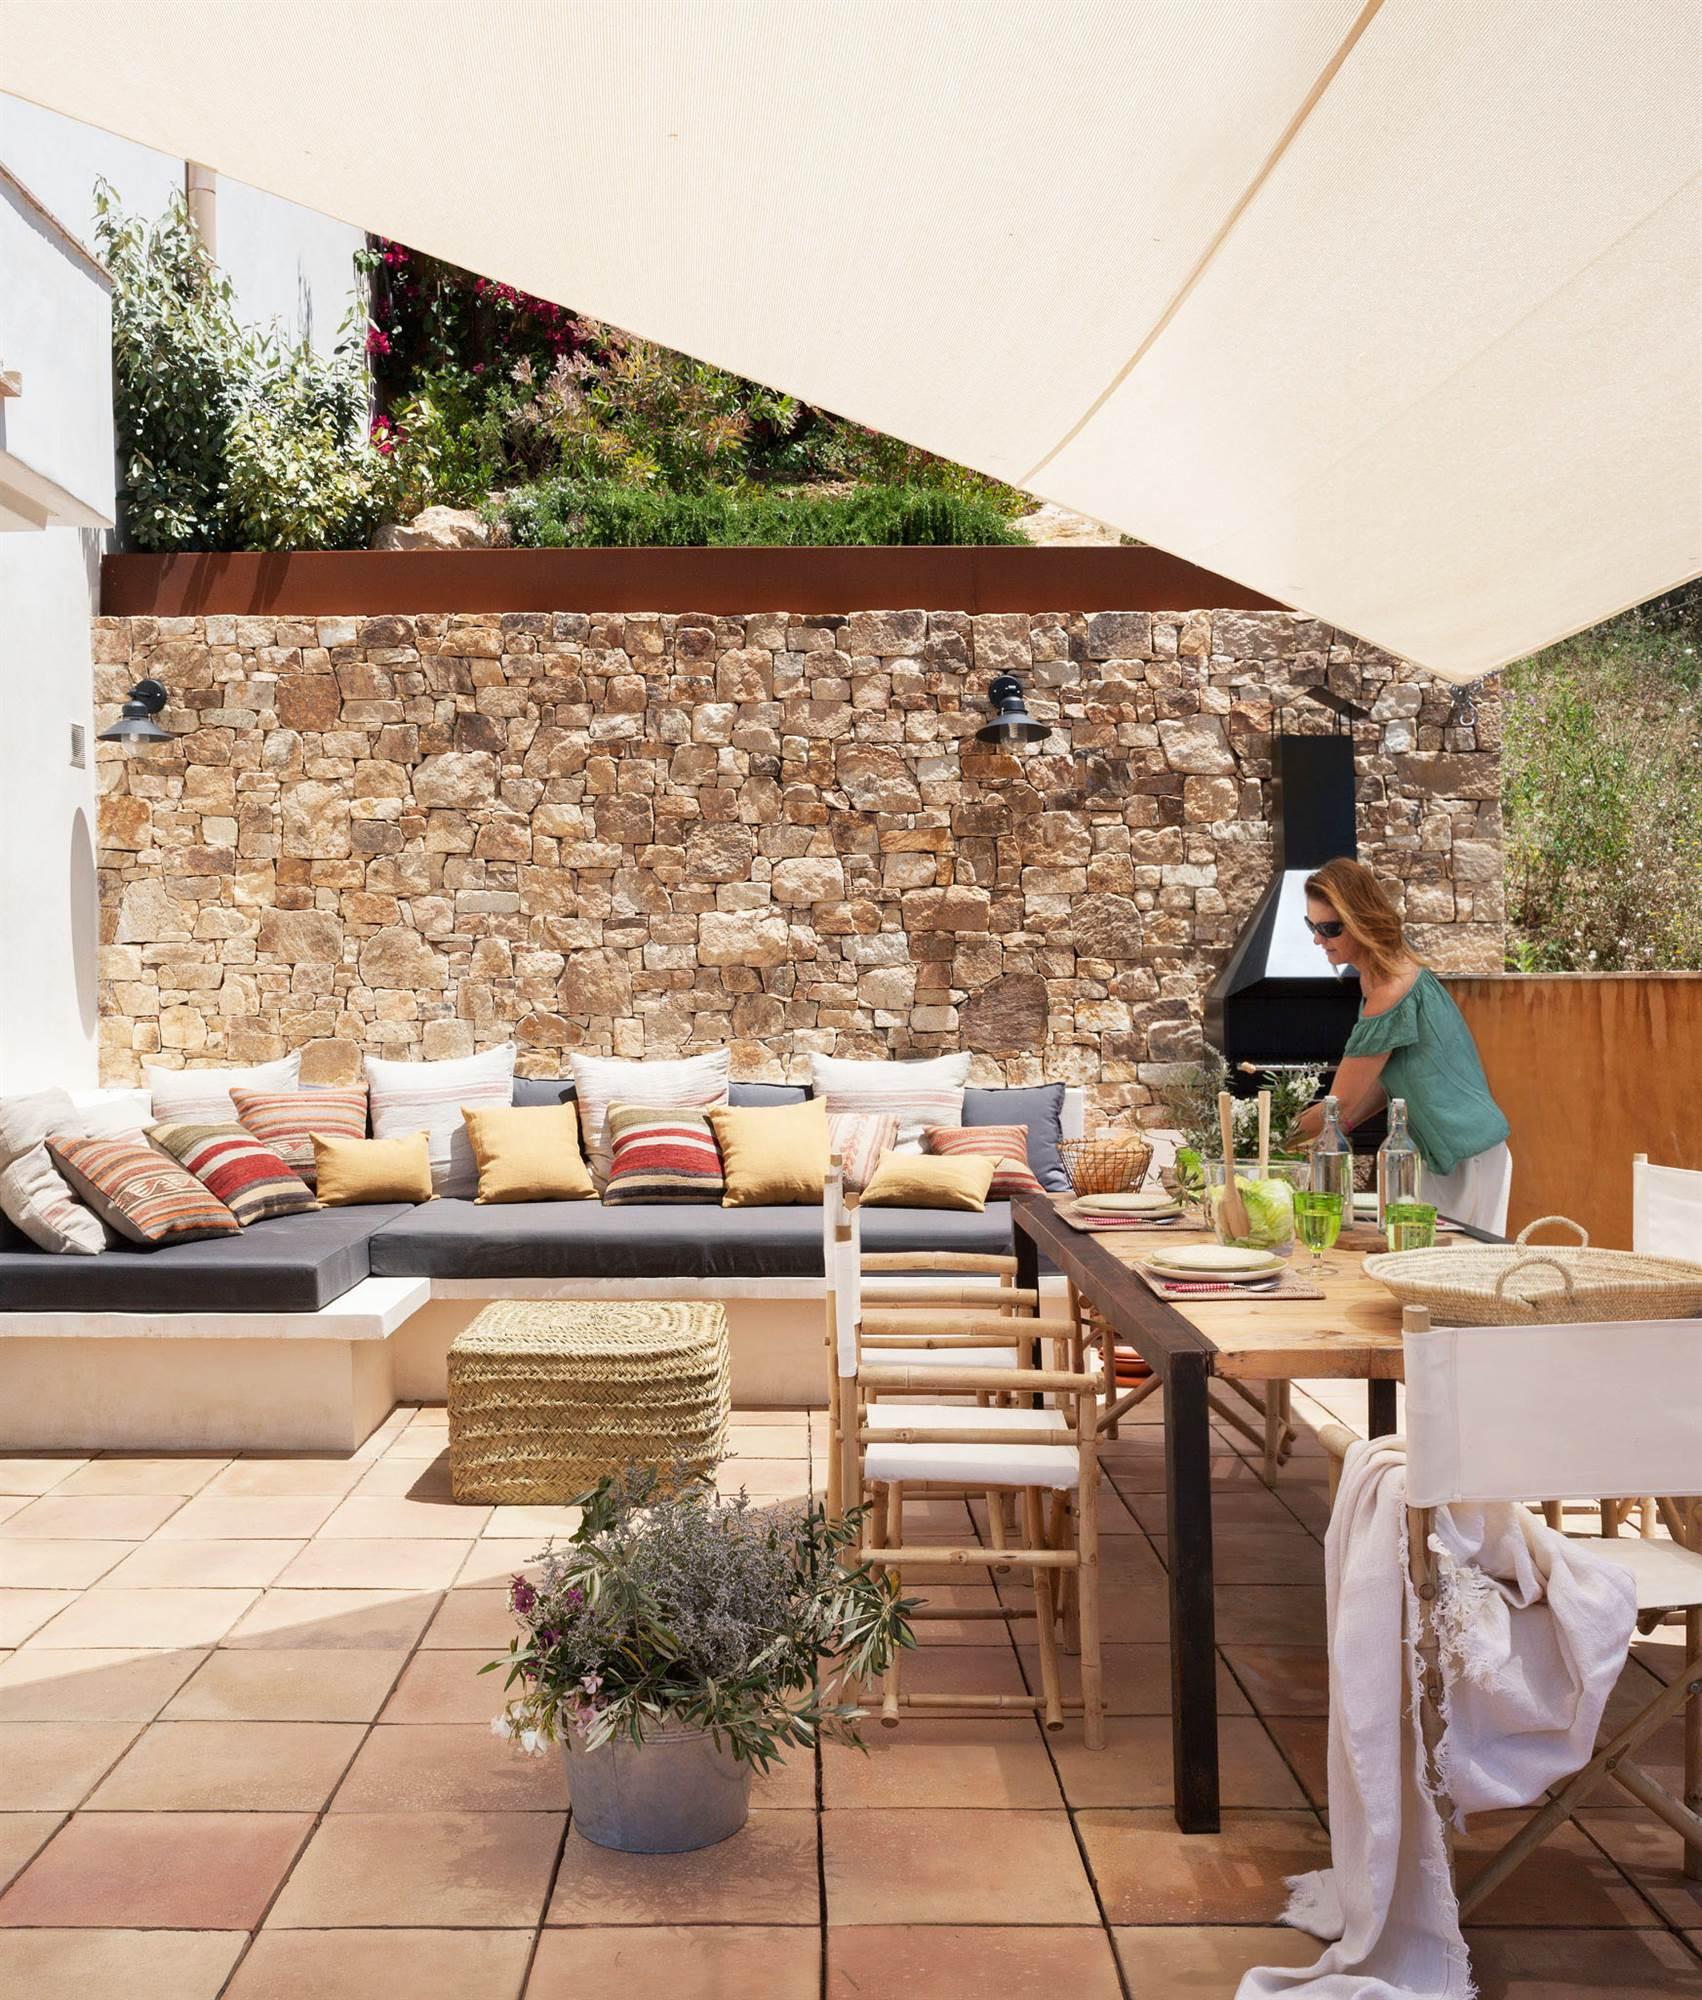 La terraza ideal para cada tipo de persona - Aticos en silla ...